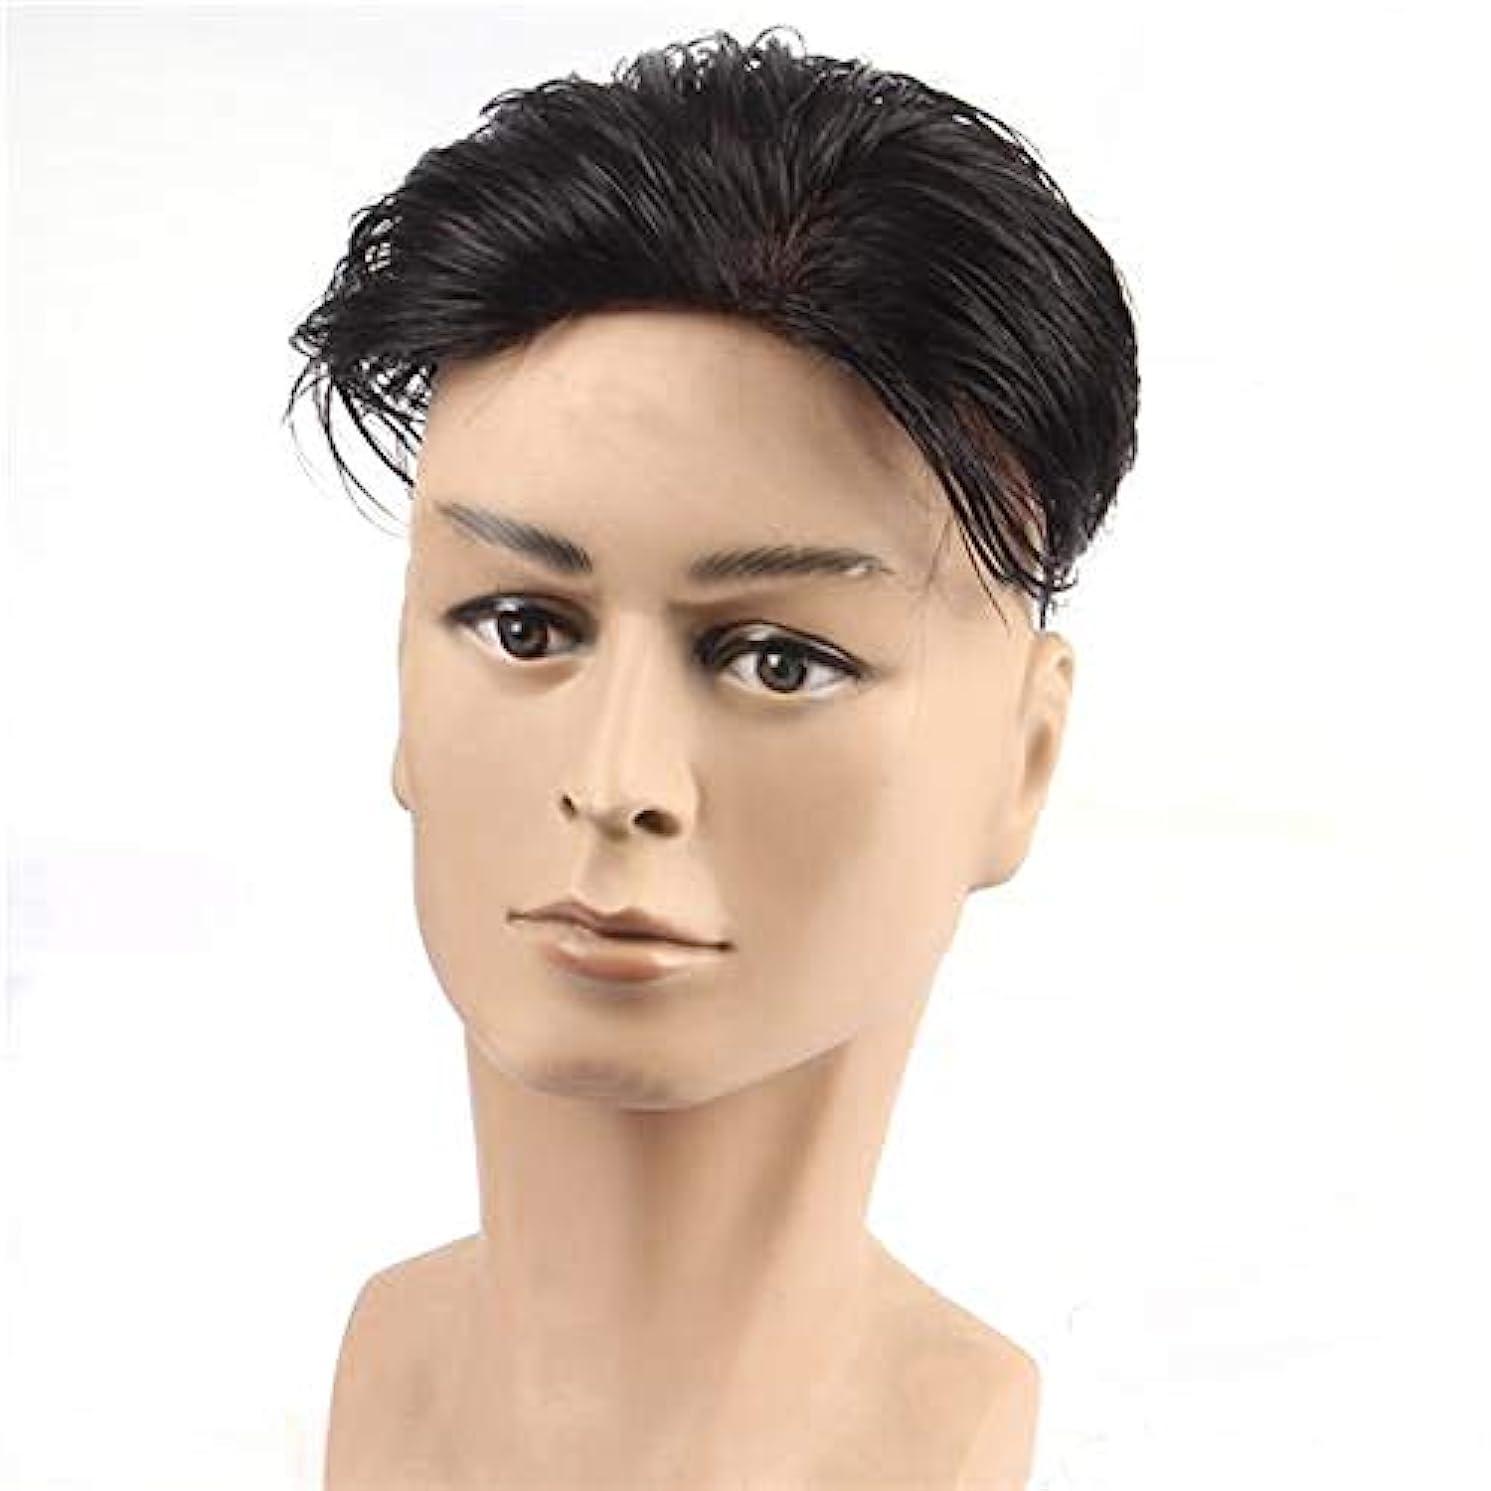 ペース生き残り家庭YOUQIU 黒人男性ガイショートレイヤーカーリー波状のアニメのコスプレパーティーの髪カツラウィッグ (色 : Natural black, サイズ : 18x20)